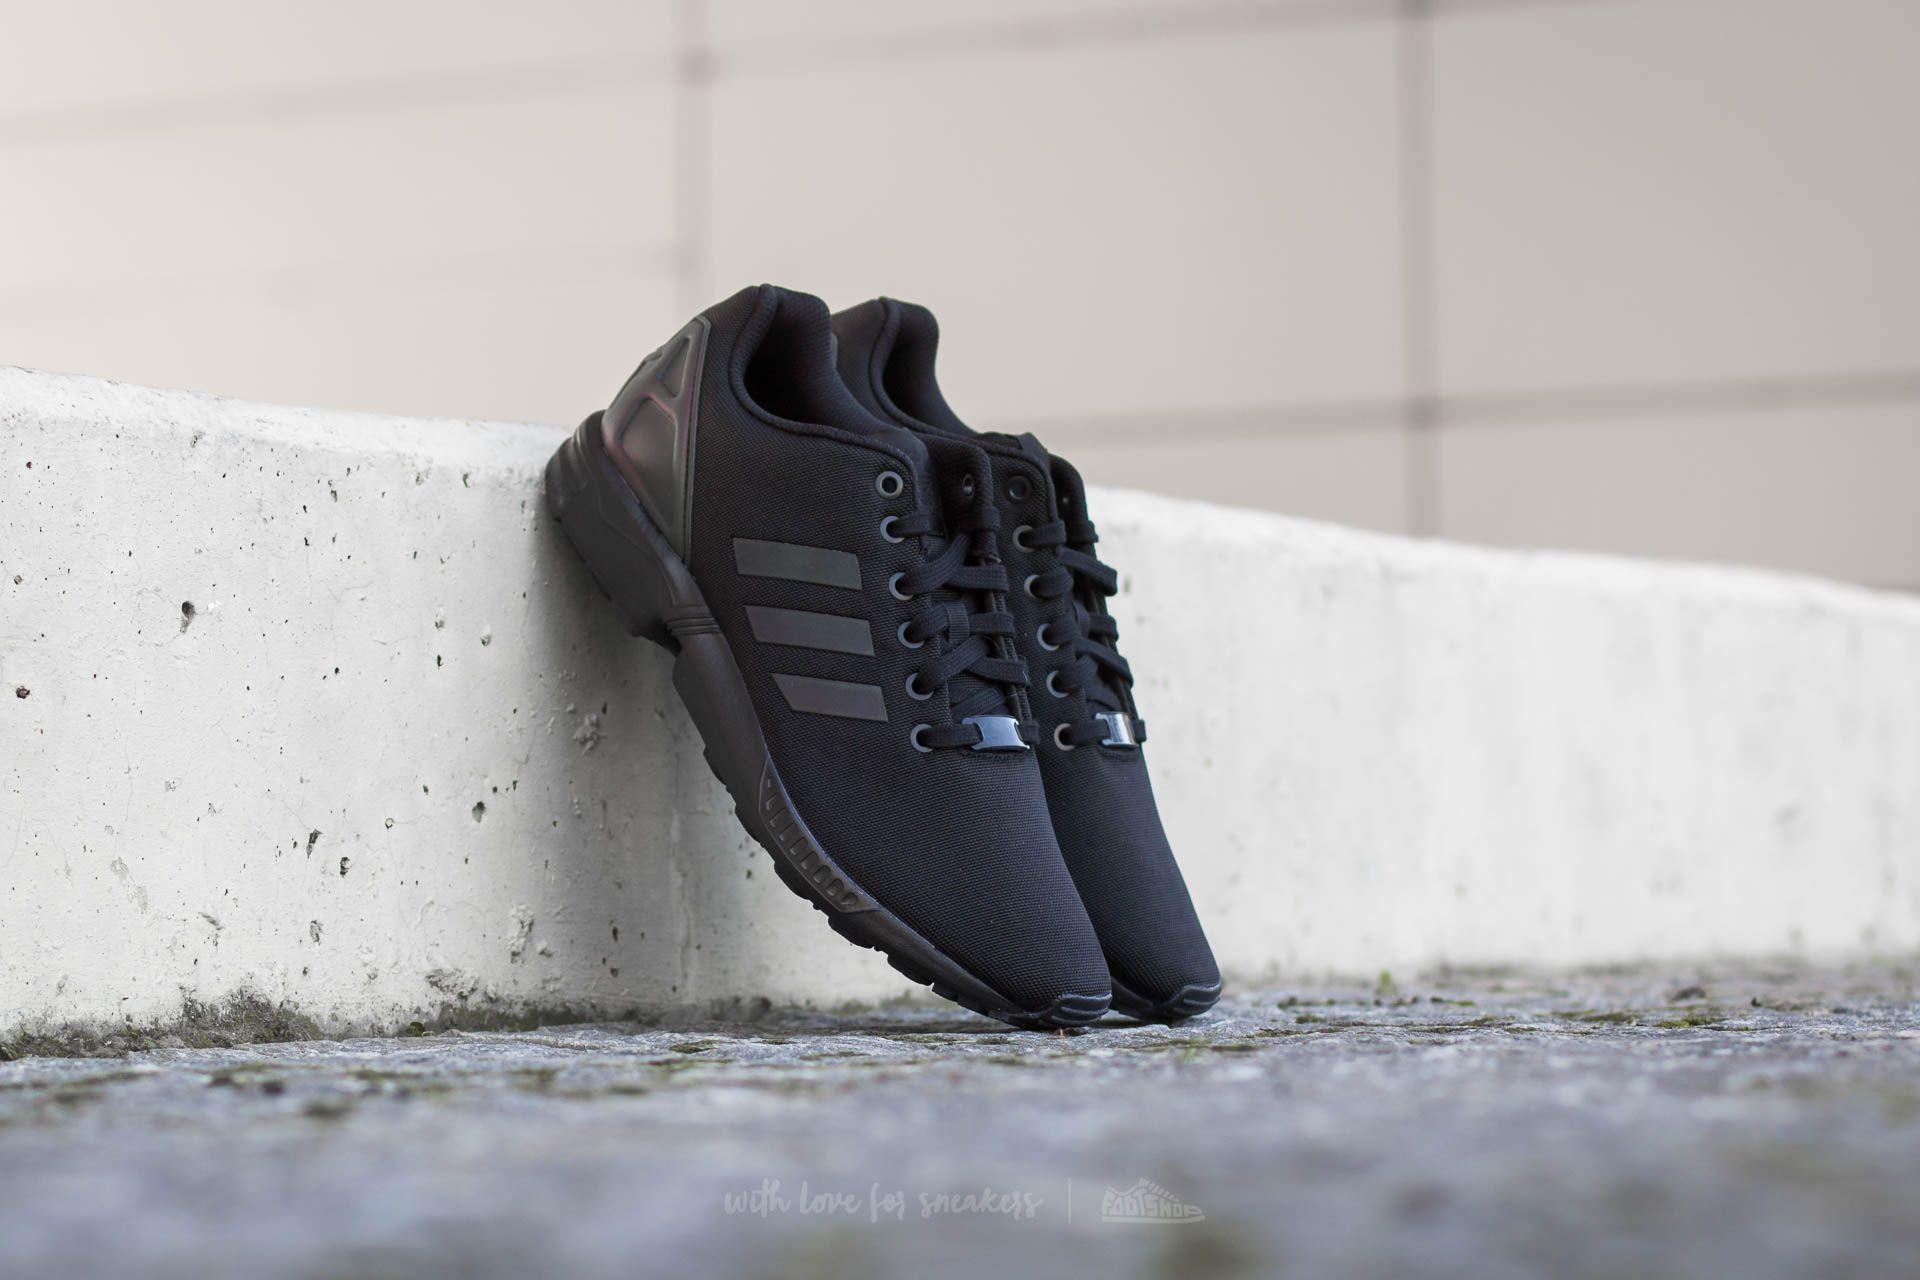 b550c6f7e5 adidas ZX Flux Core Black/ Core Black/ Core Black | Footshop